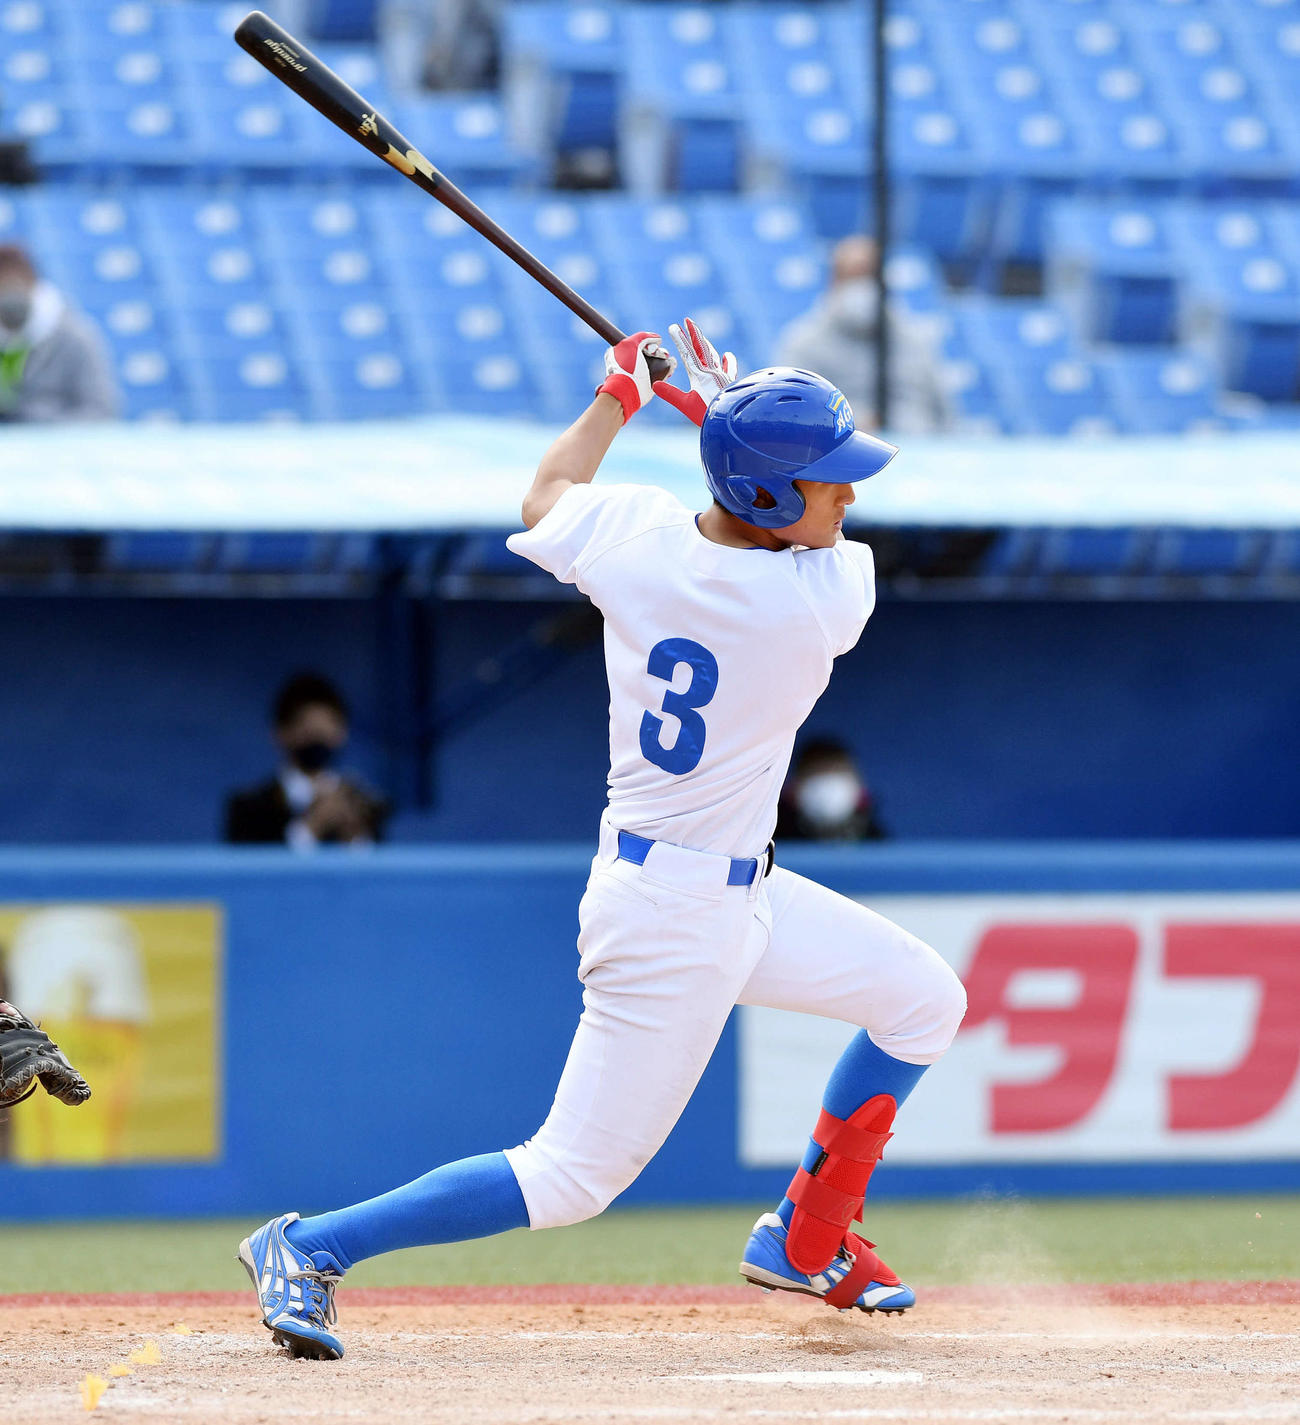 中大対青学大 4回裏青学大無死、佐々木は左中間へ二塁打を放つ(撮影・滝沢徹郎)